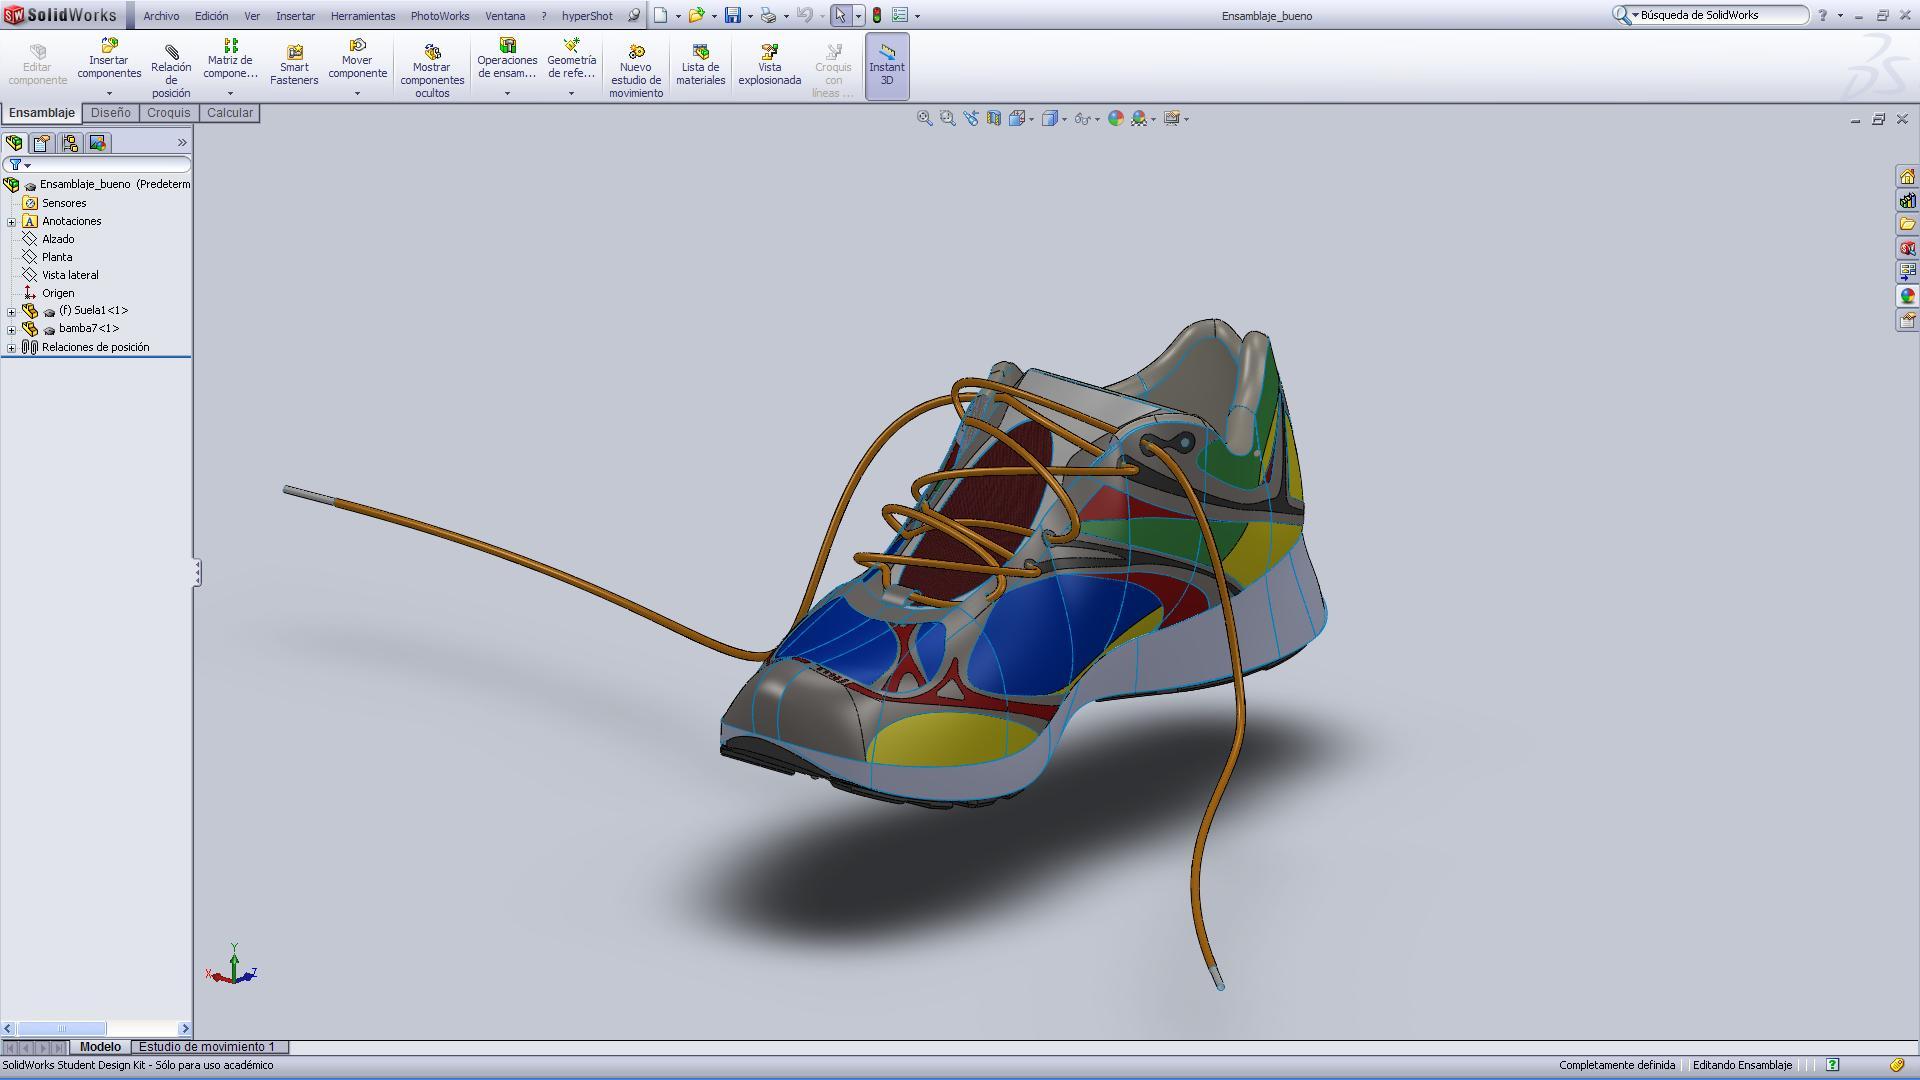 [General] Zapatilla de correr hecha en SolidWorks